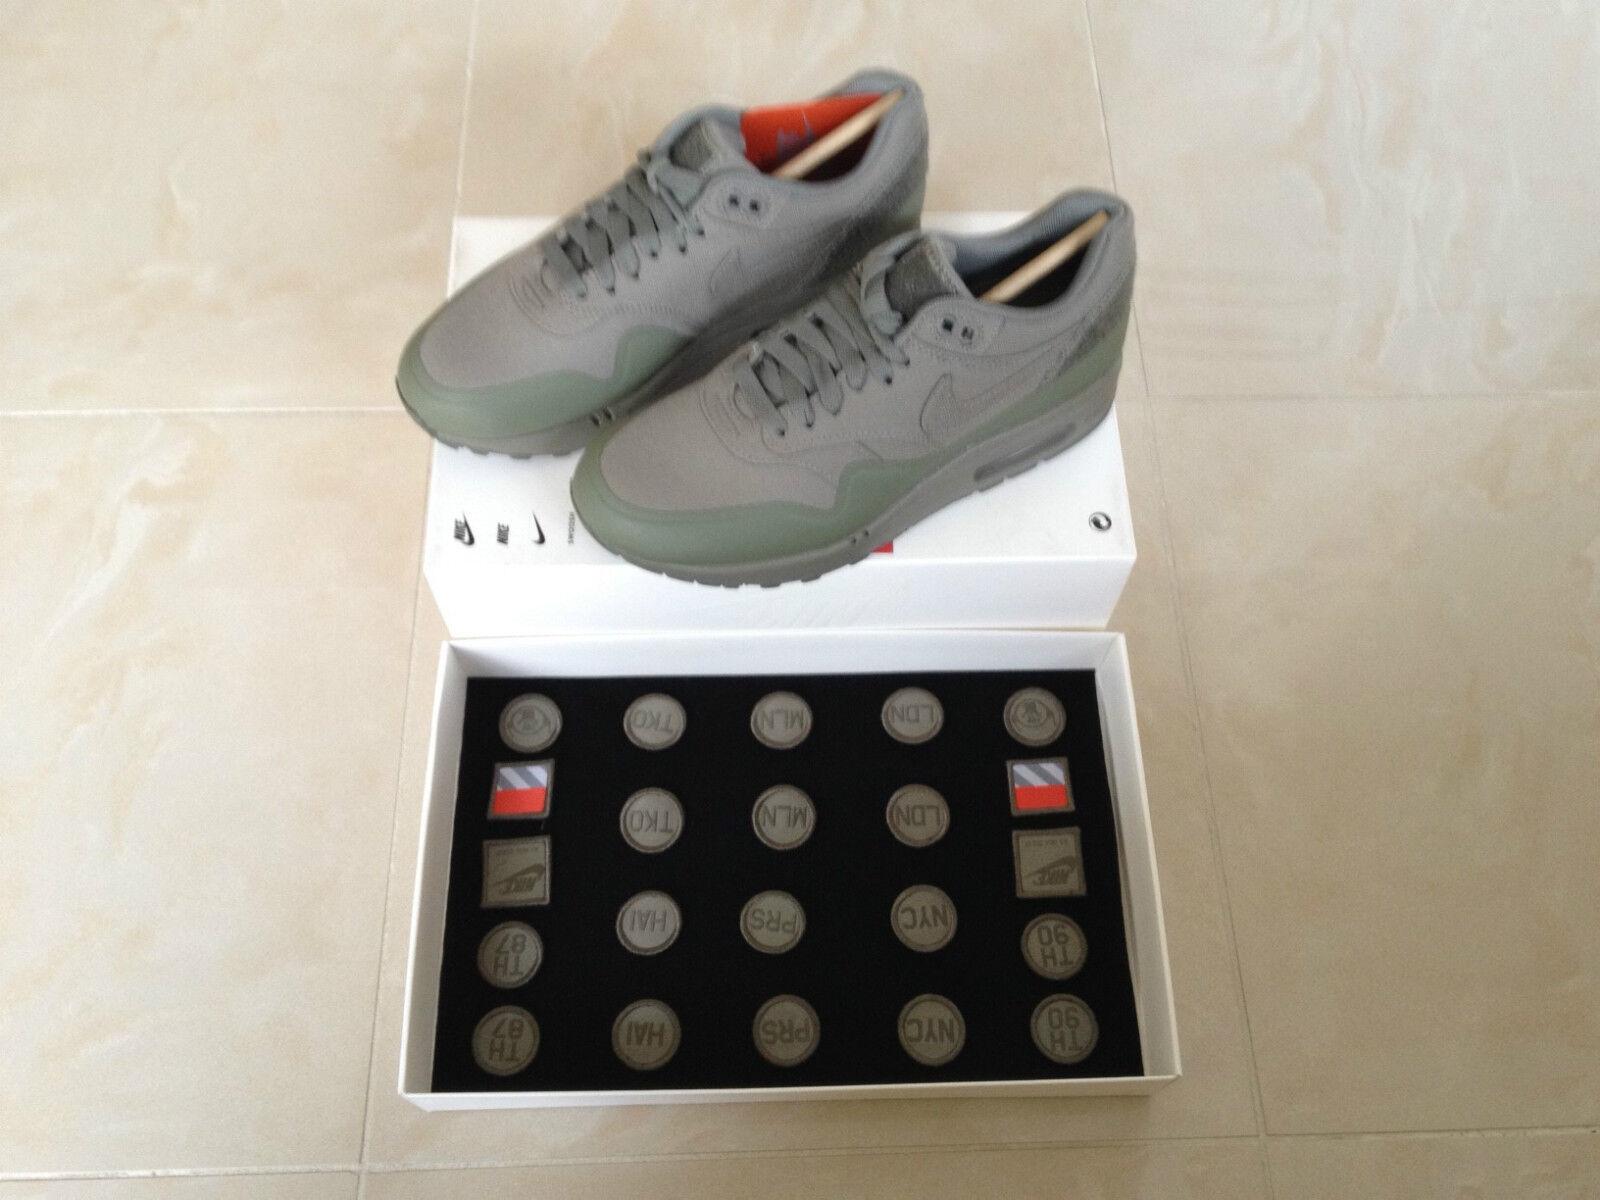 Nike AIR MAX 1 Patch Patch Patch SABBIA NERA ACCIAIO verde TAGLIA 5 6 7.5 8.5 11 NUOVO | Aspetto estetico  | Maschio/Ragazze Scarpa  21d55b